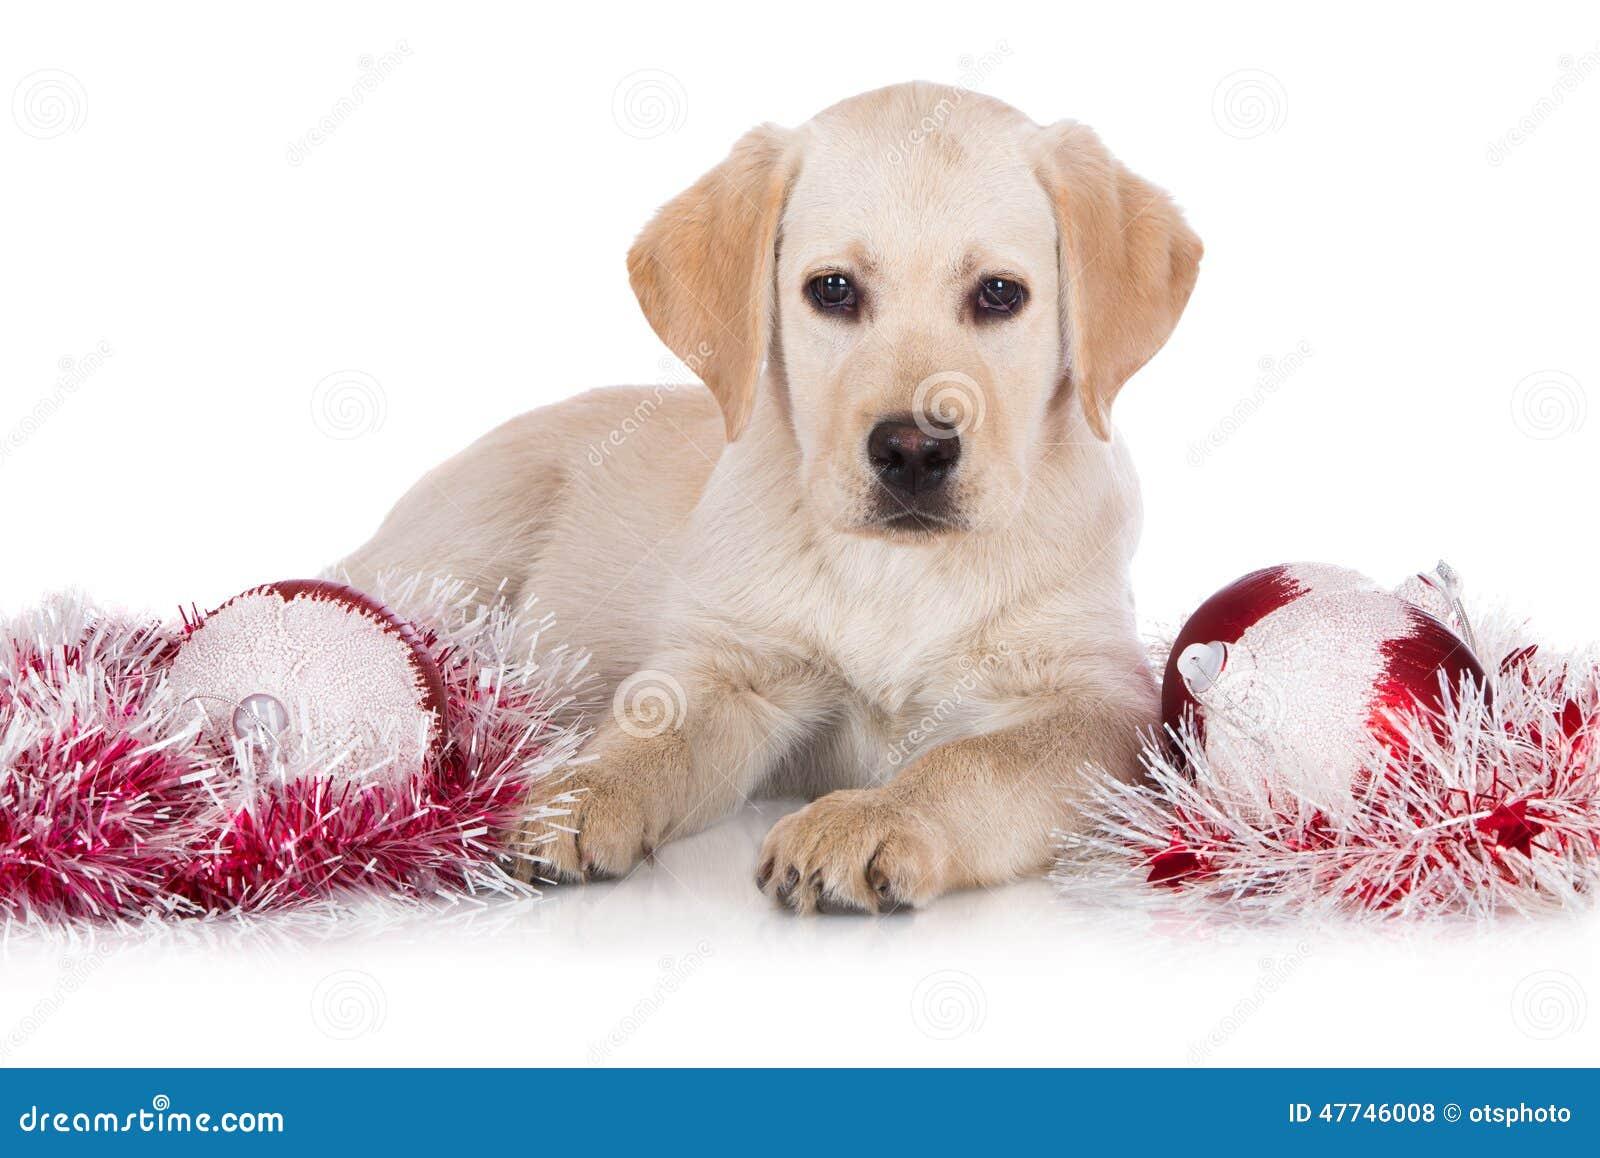 #AA213A Chiot Jaune De Labrador Avec Des Décorations De Noël Photo  5881 décoration de noel jaune 1300x958 px @ aertt.com